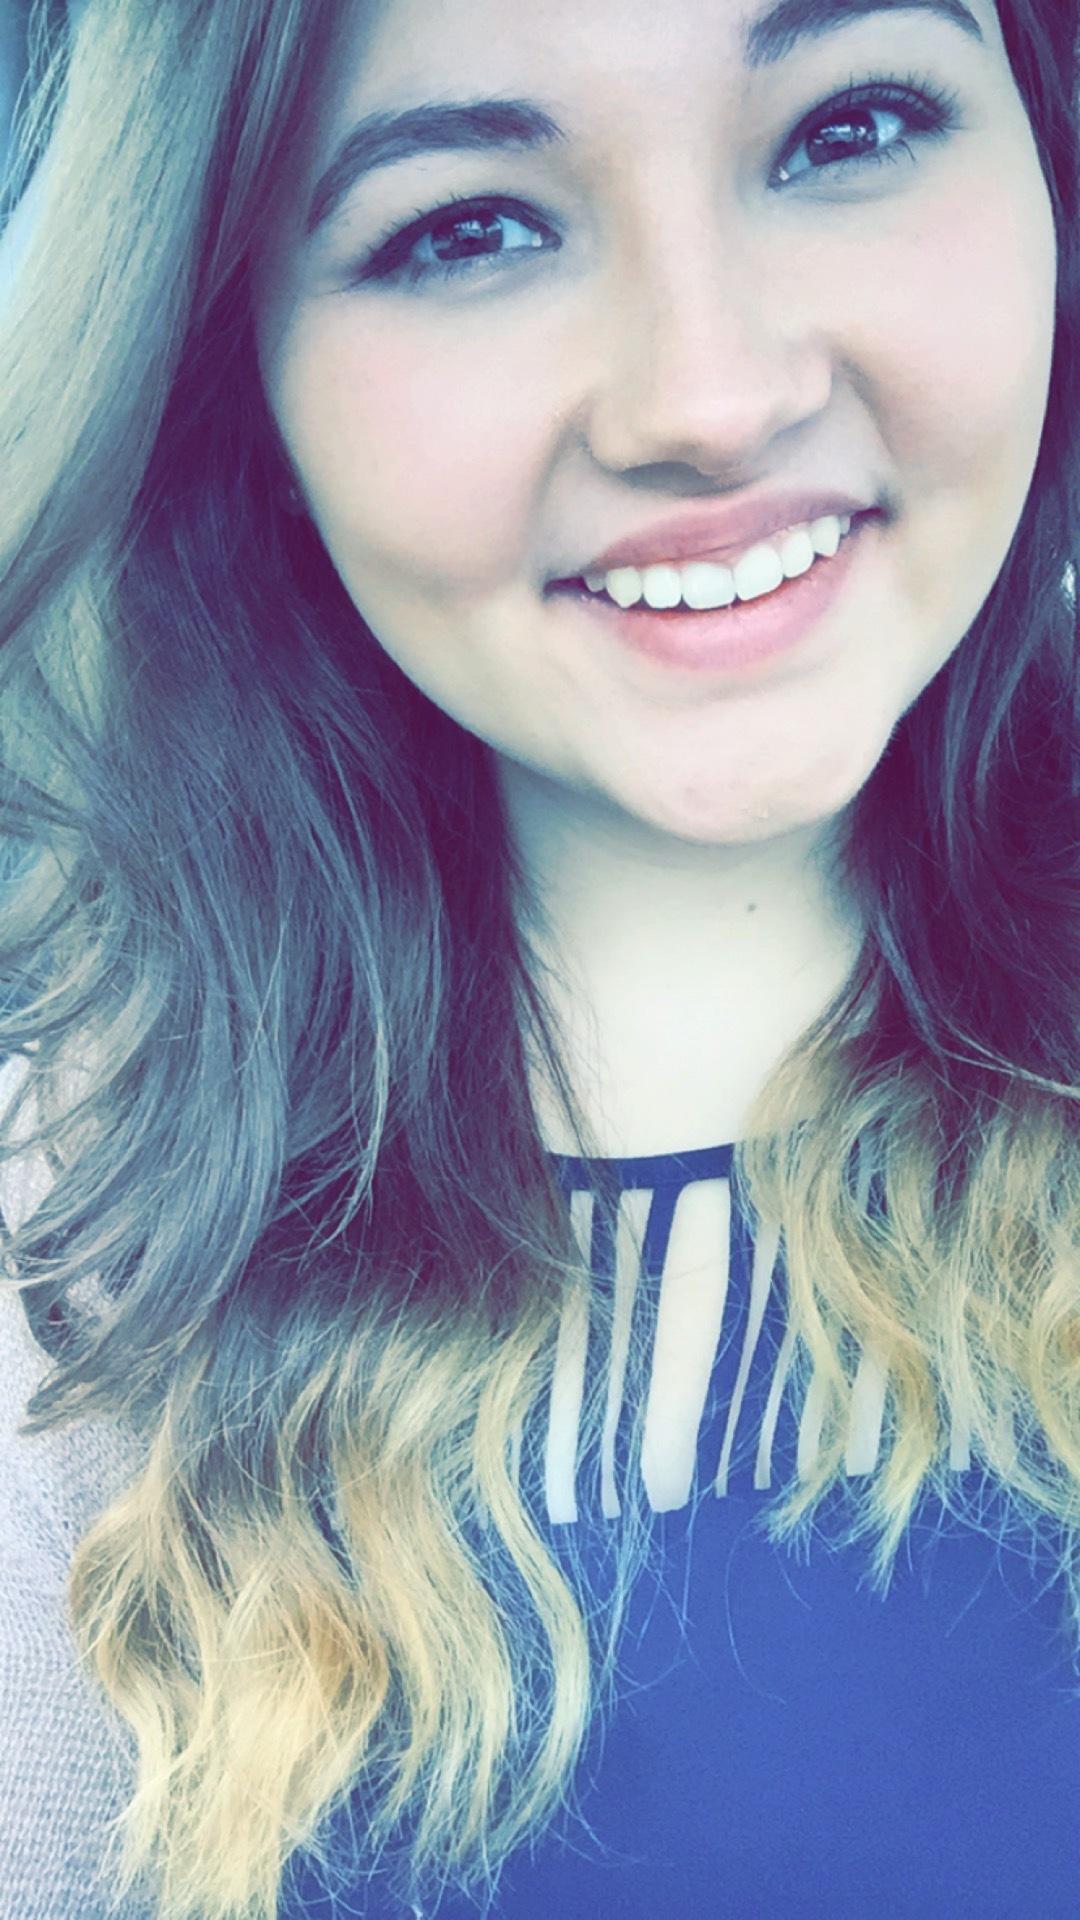 Kaylee Darby